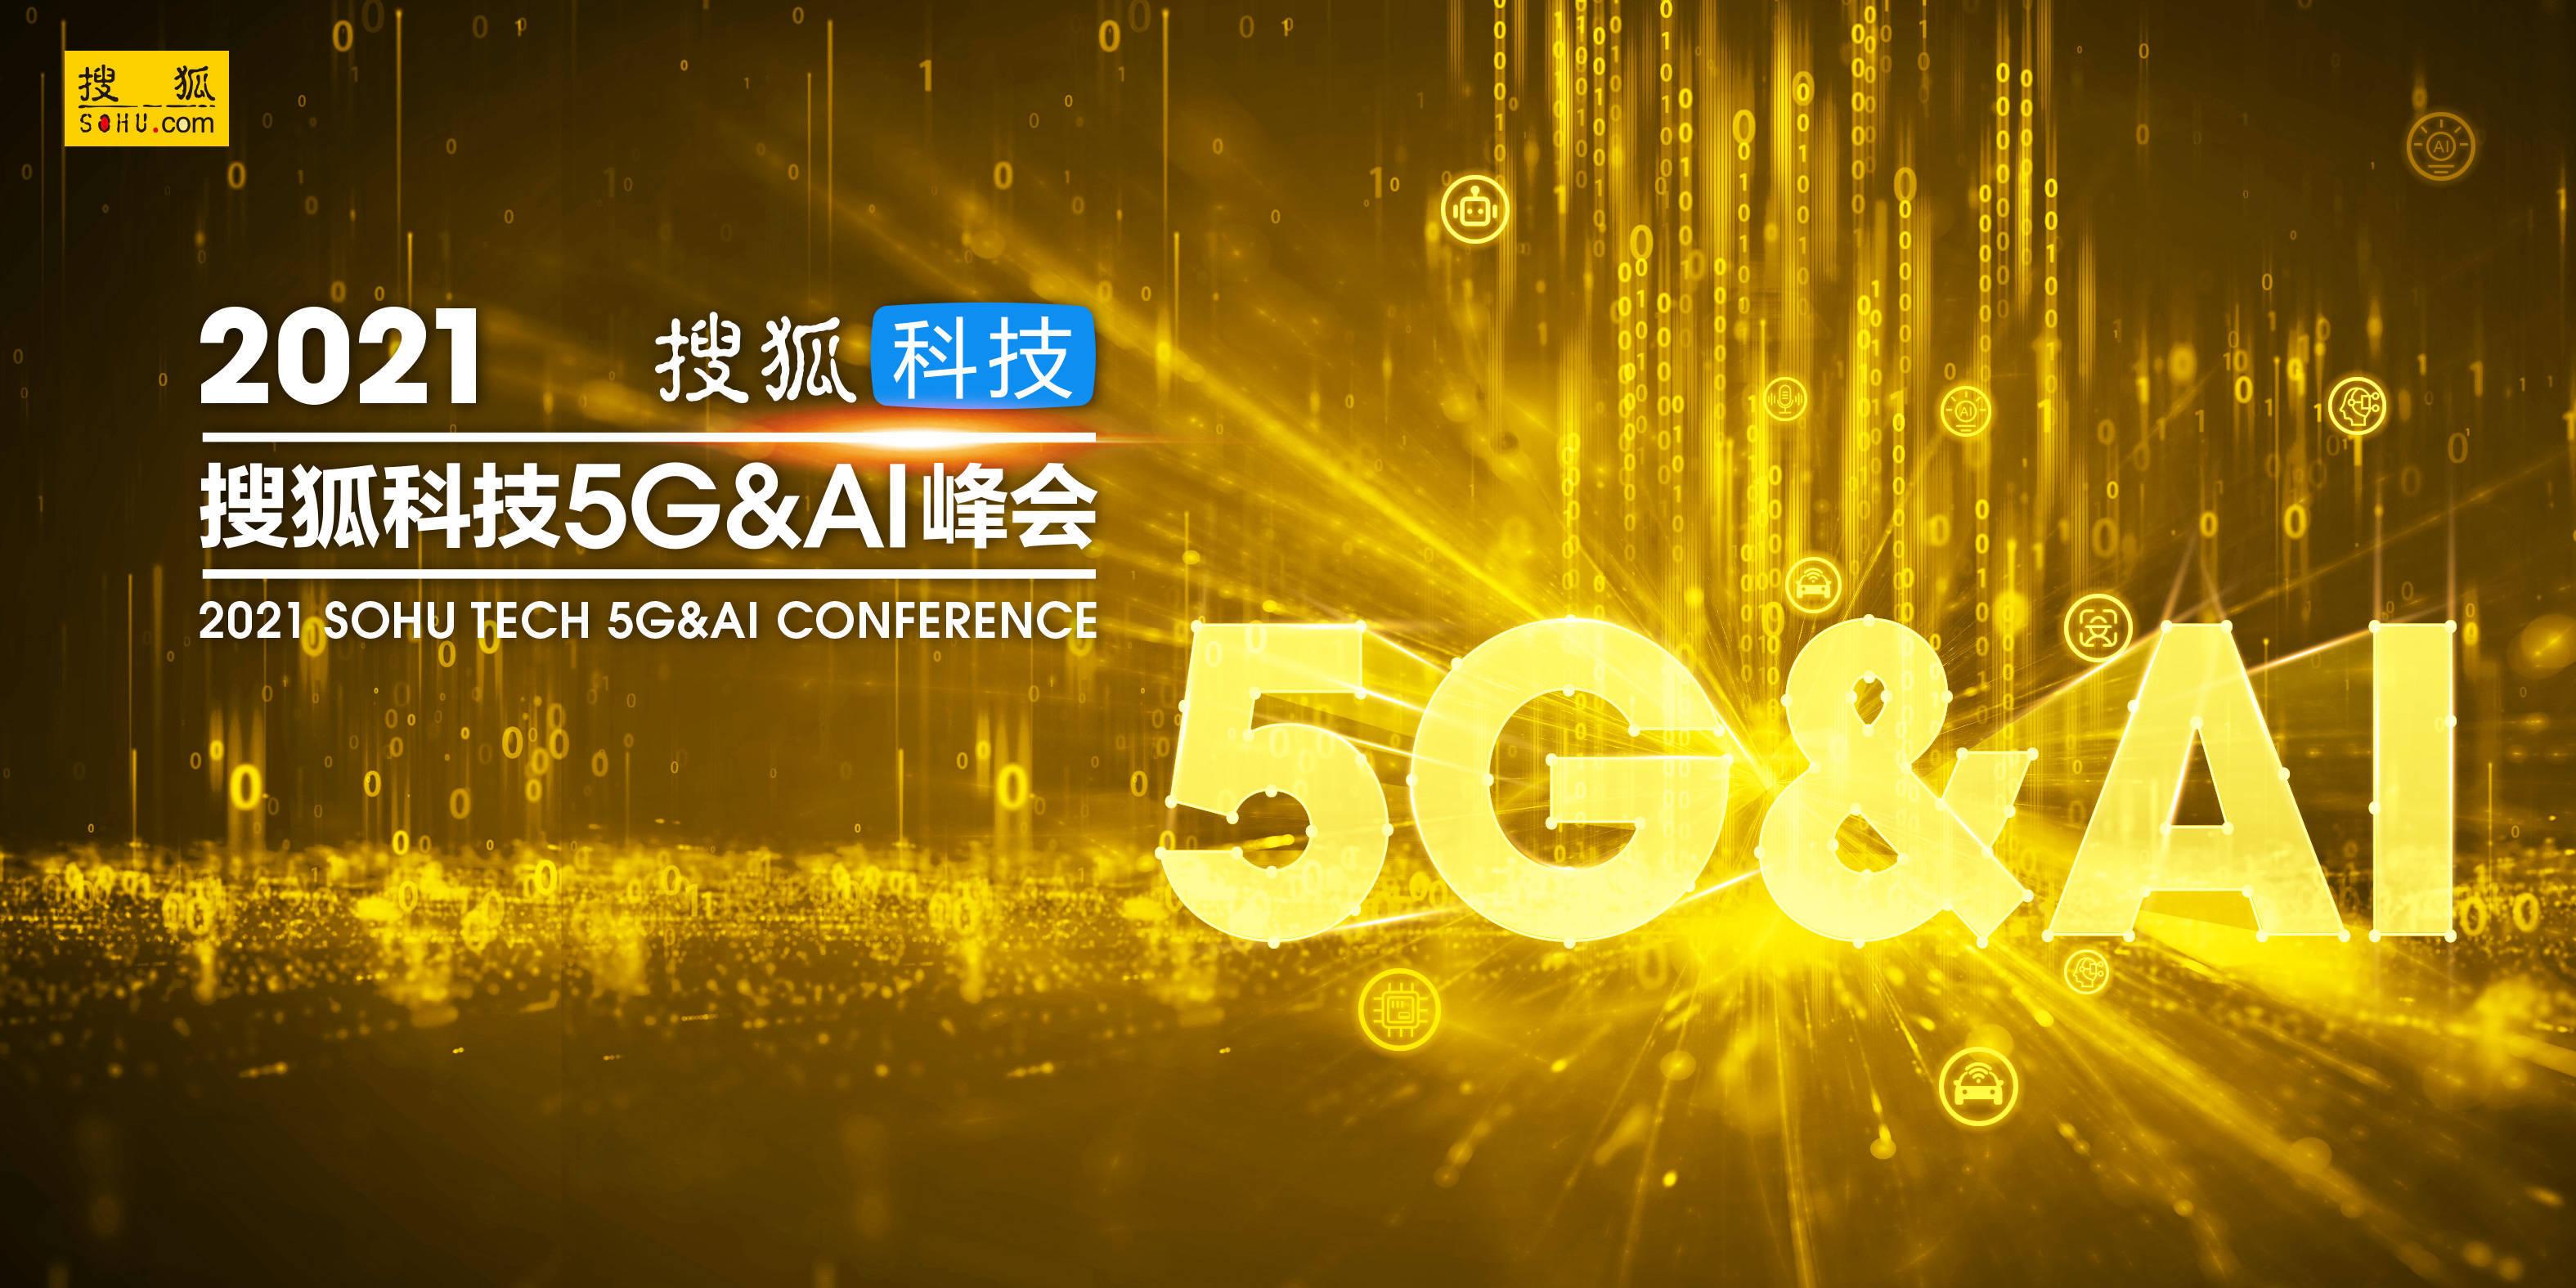 搜狐科技5G&AI峰会相约517,邬贺铨、曹泽军、高礼强打Call助力